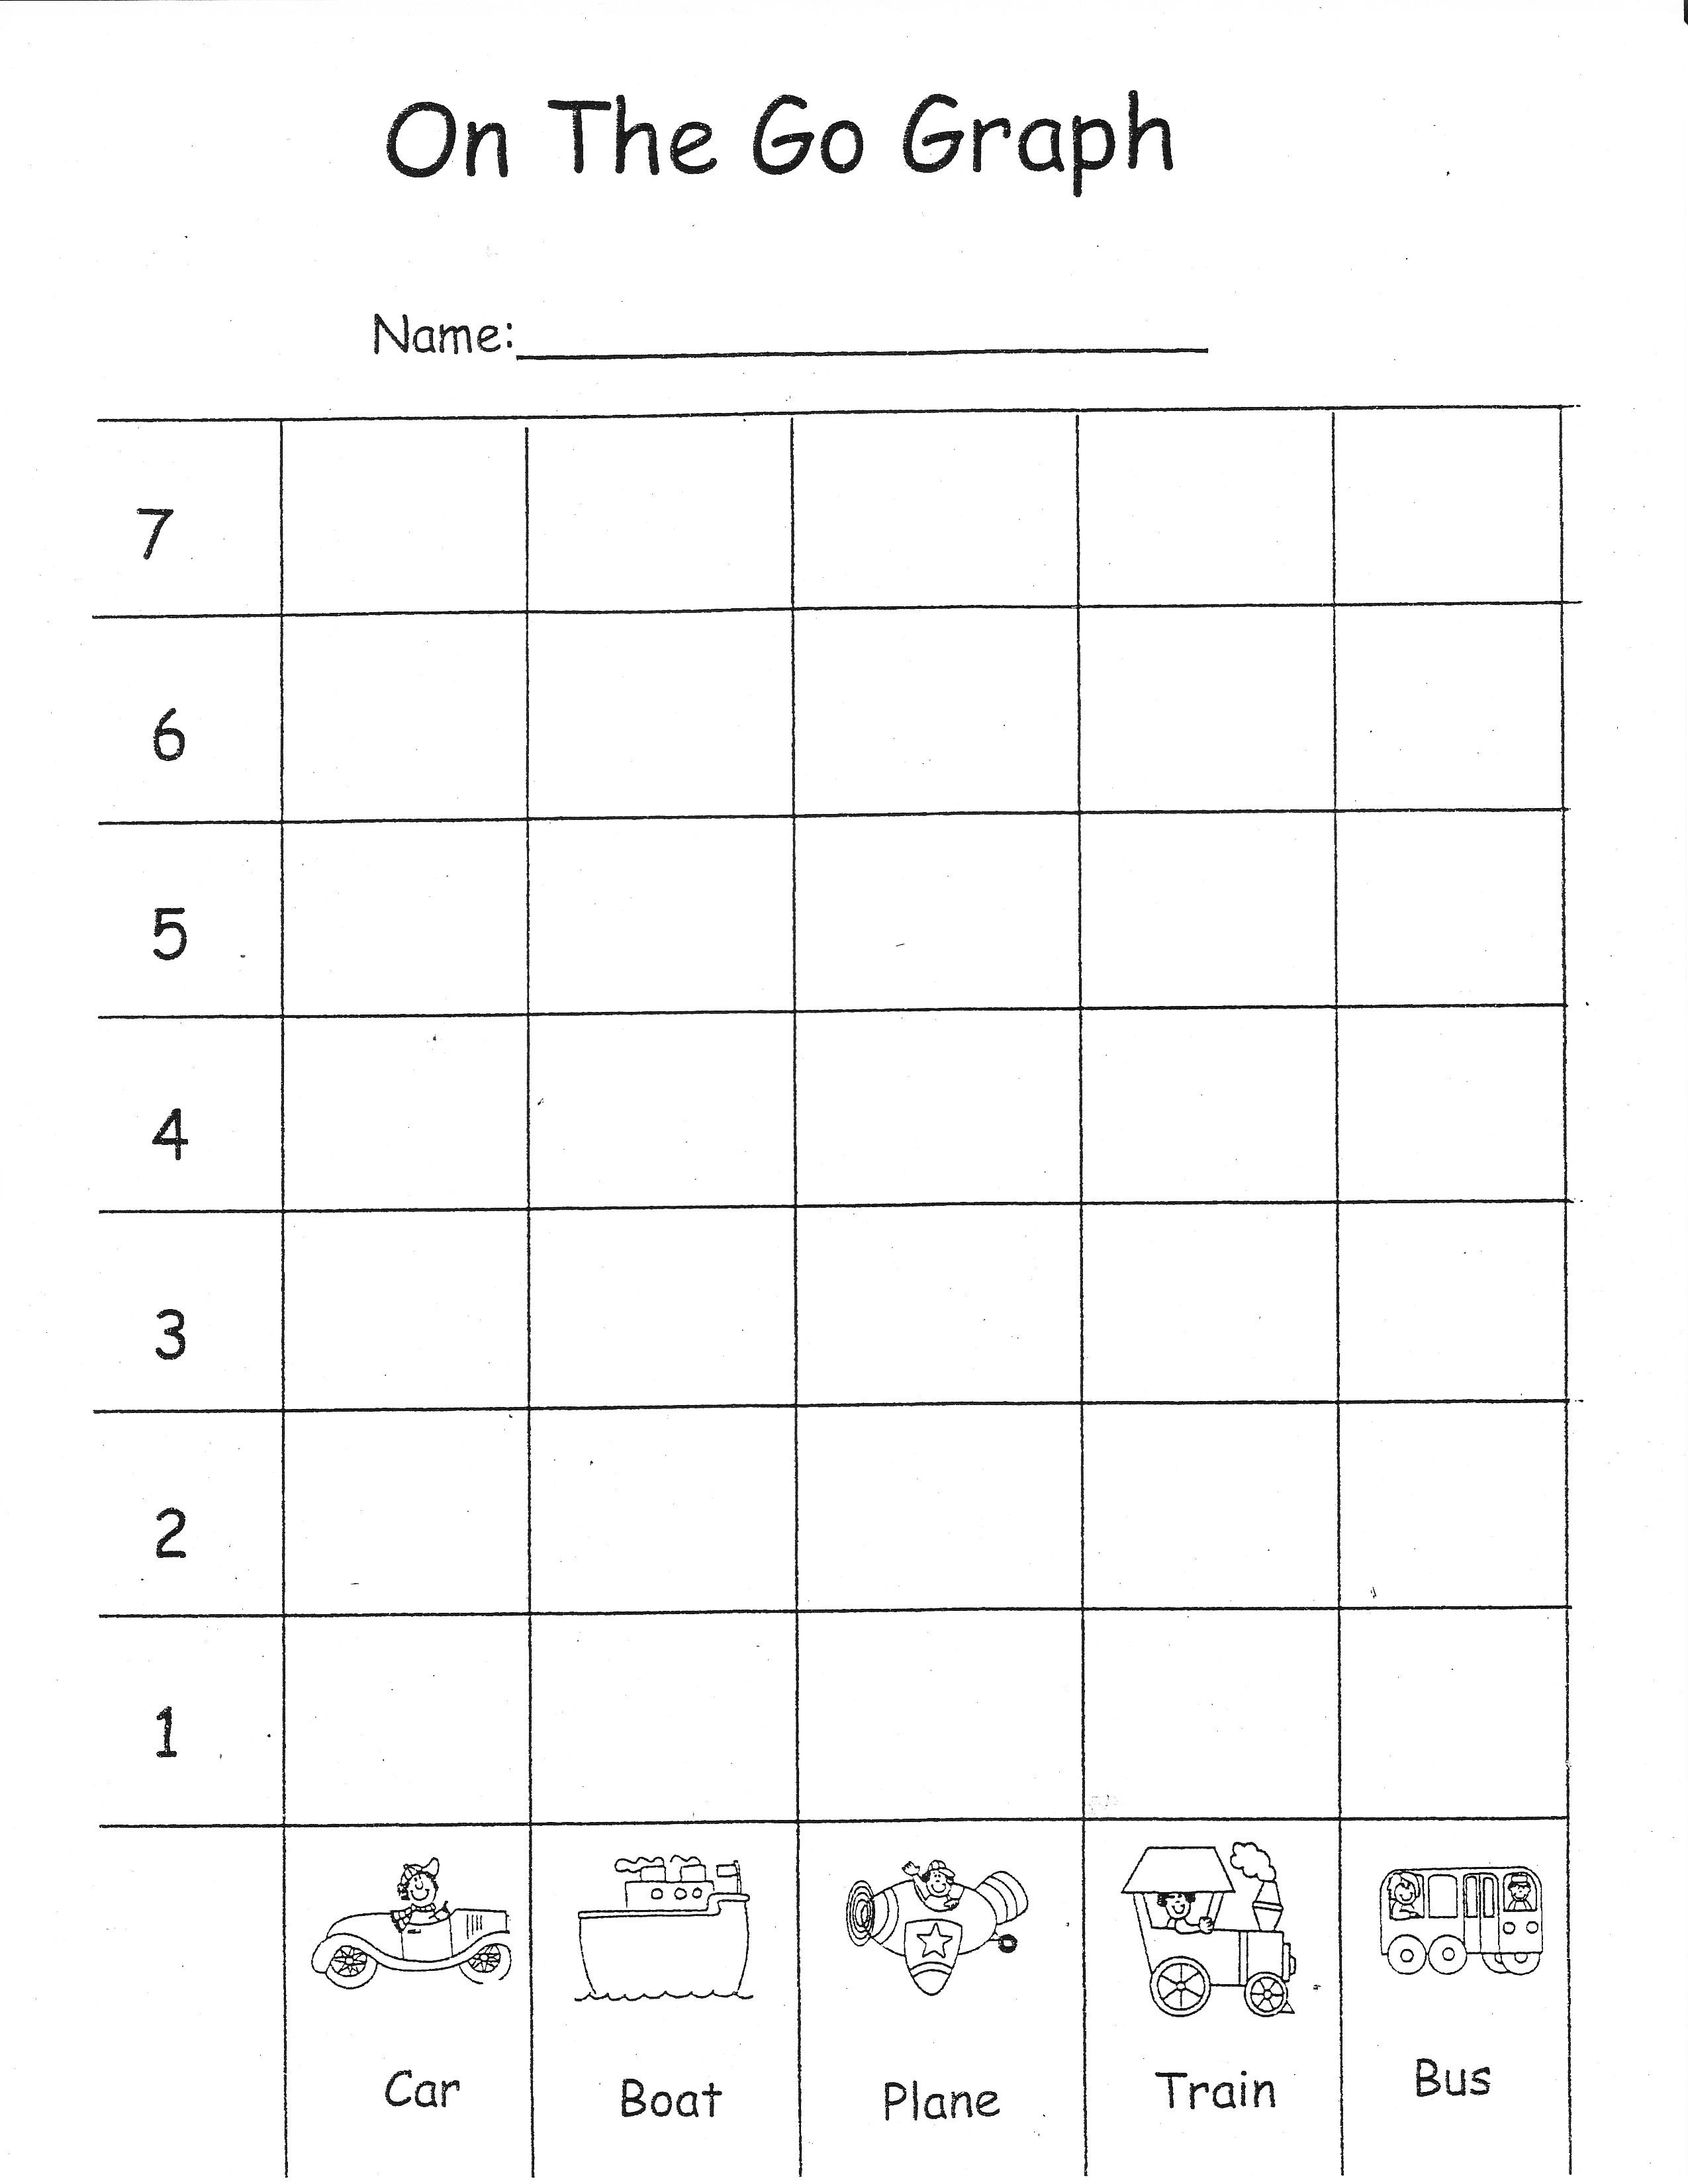 ... Kindergarten Ideas, 25503300 Pixel, Math Games 0006 Jpg, Kindergarten